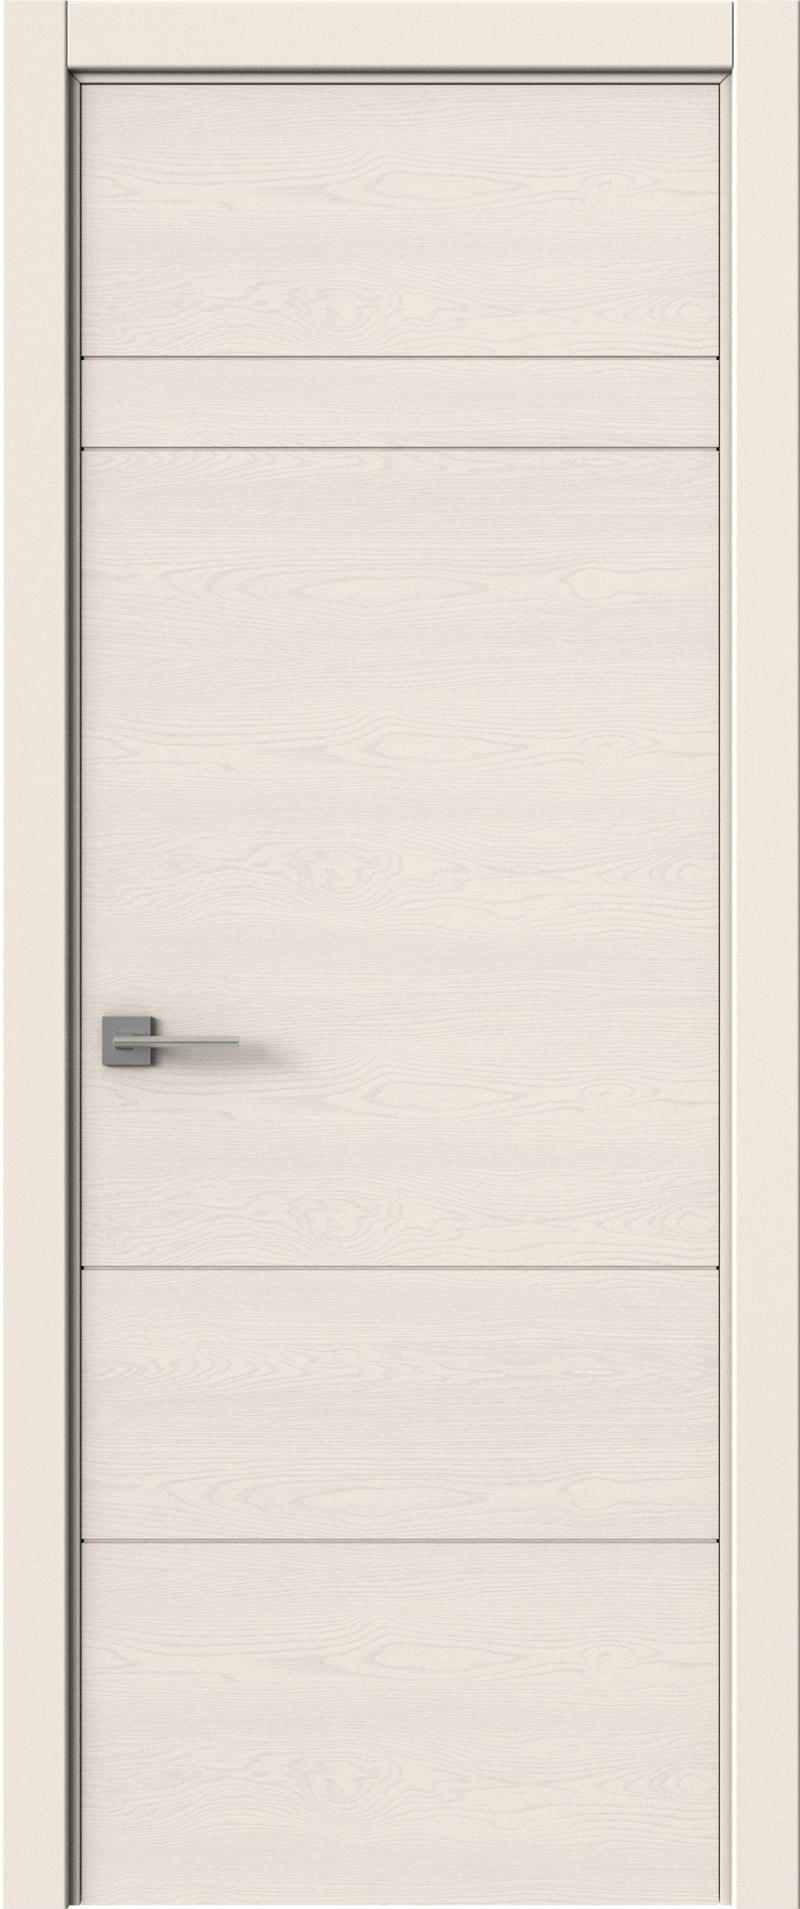 Tivoli К-2 цвет - Бежевая эмаль по шпону (RAL 9010) Без стекла (ДГ)